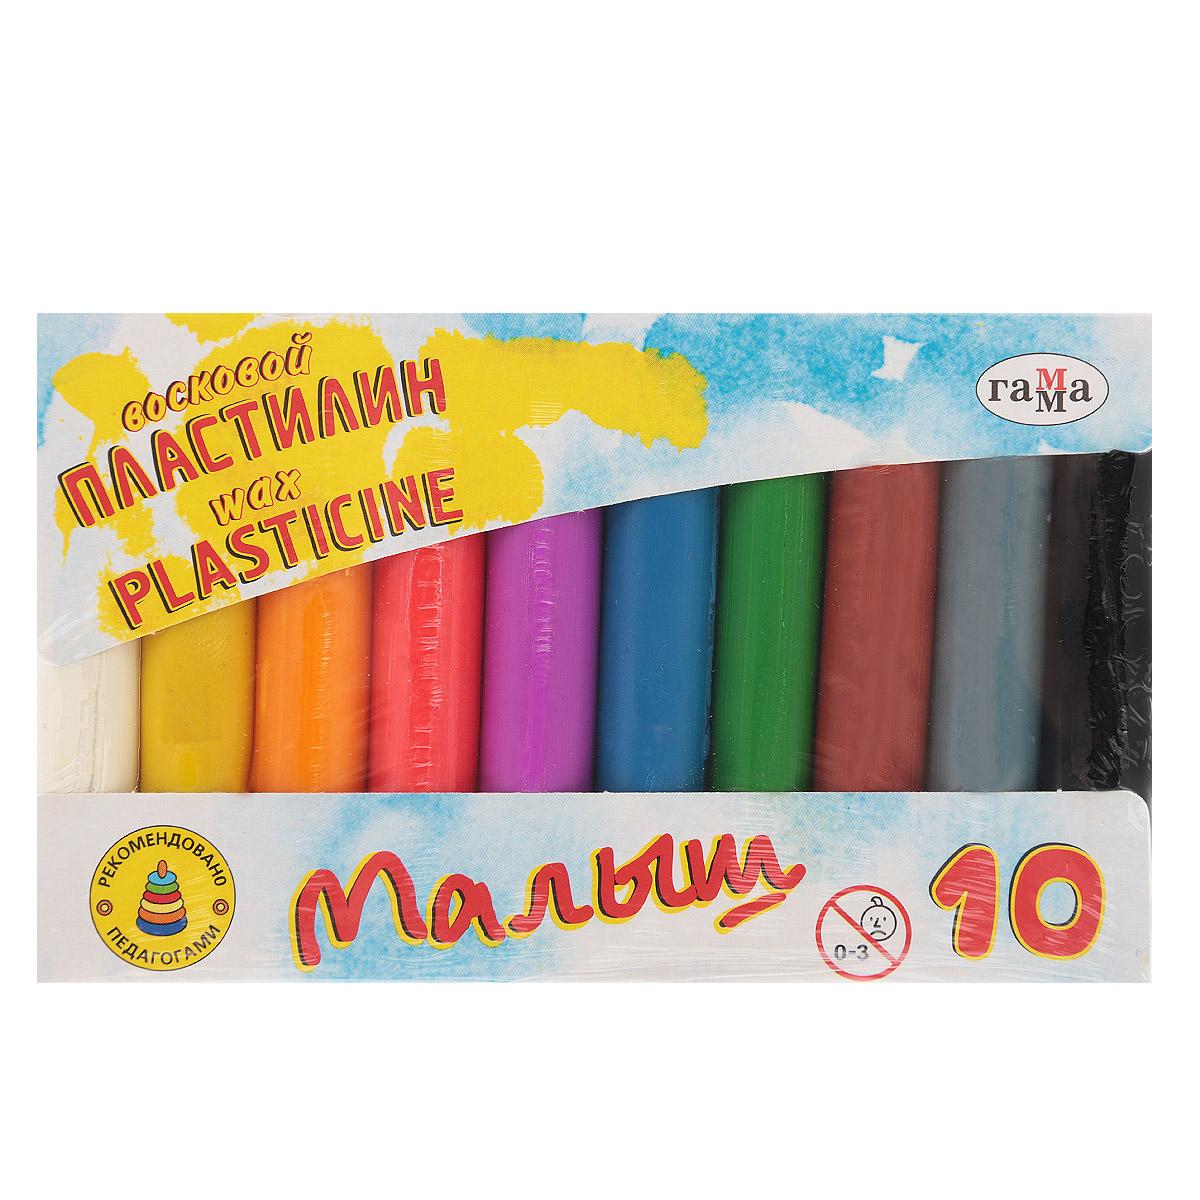 Пластилин восковой Гамма Малыш, 10 цветов набор для лепки гамма пластилин классический 12 цветов 240g 281033